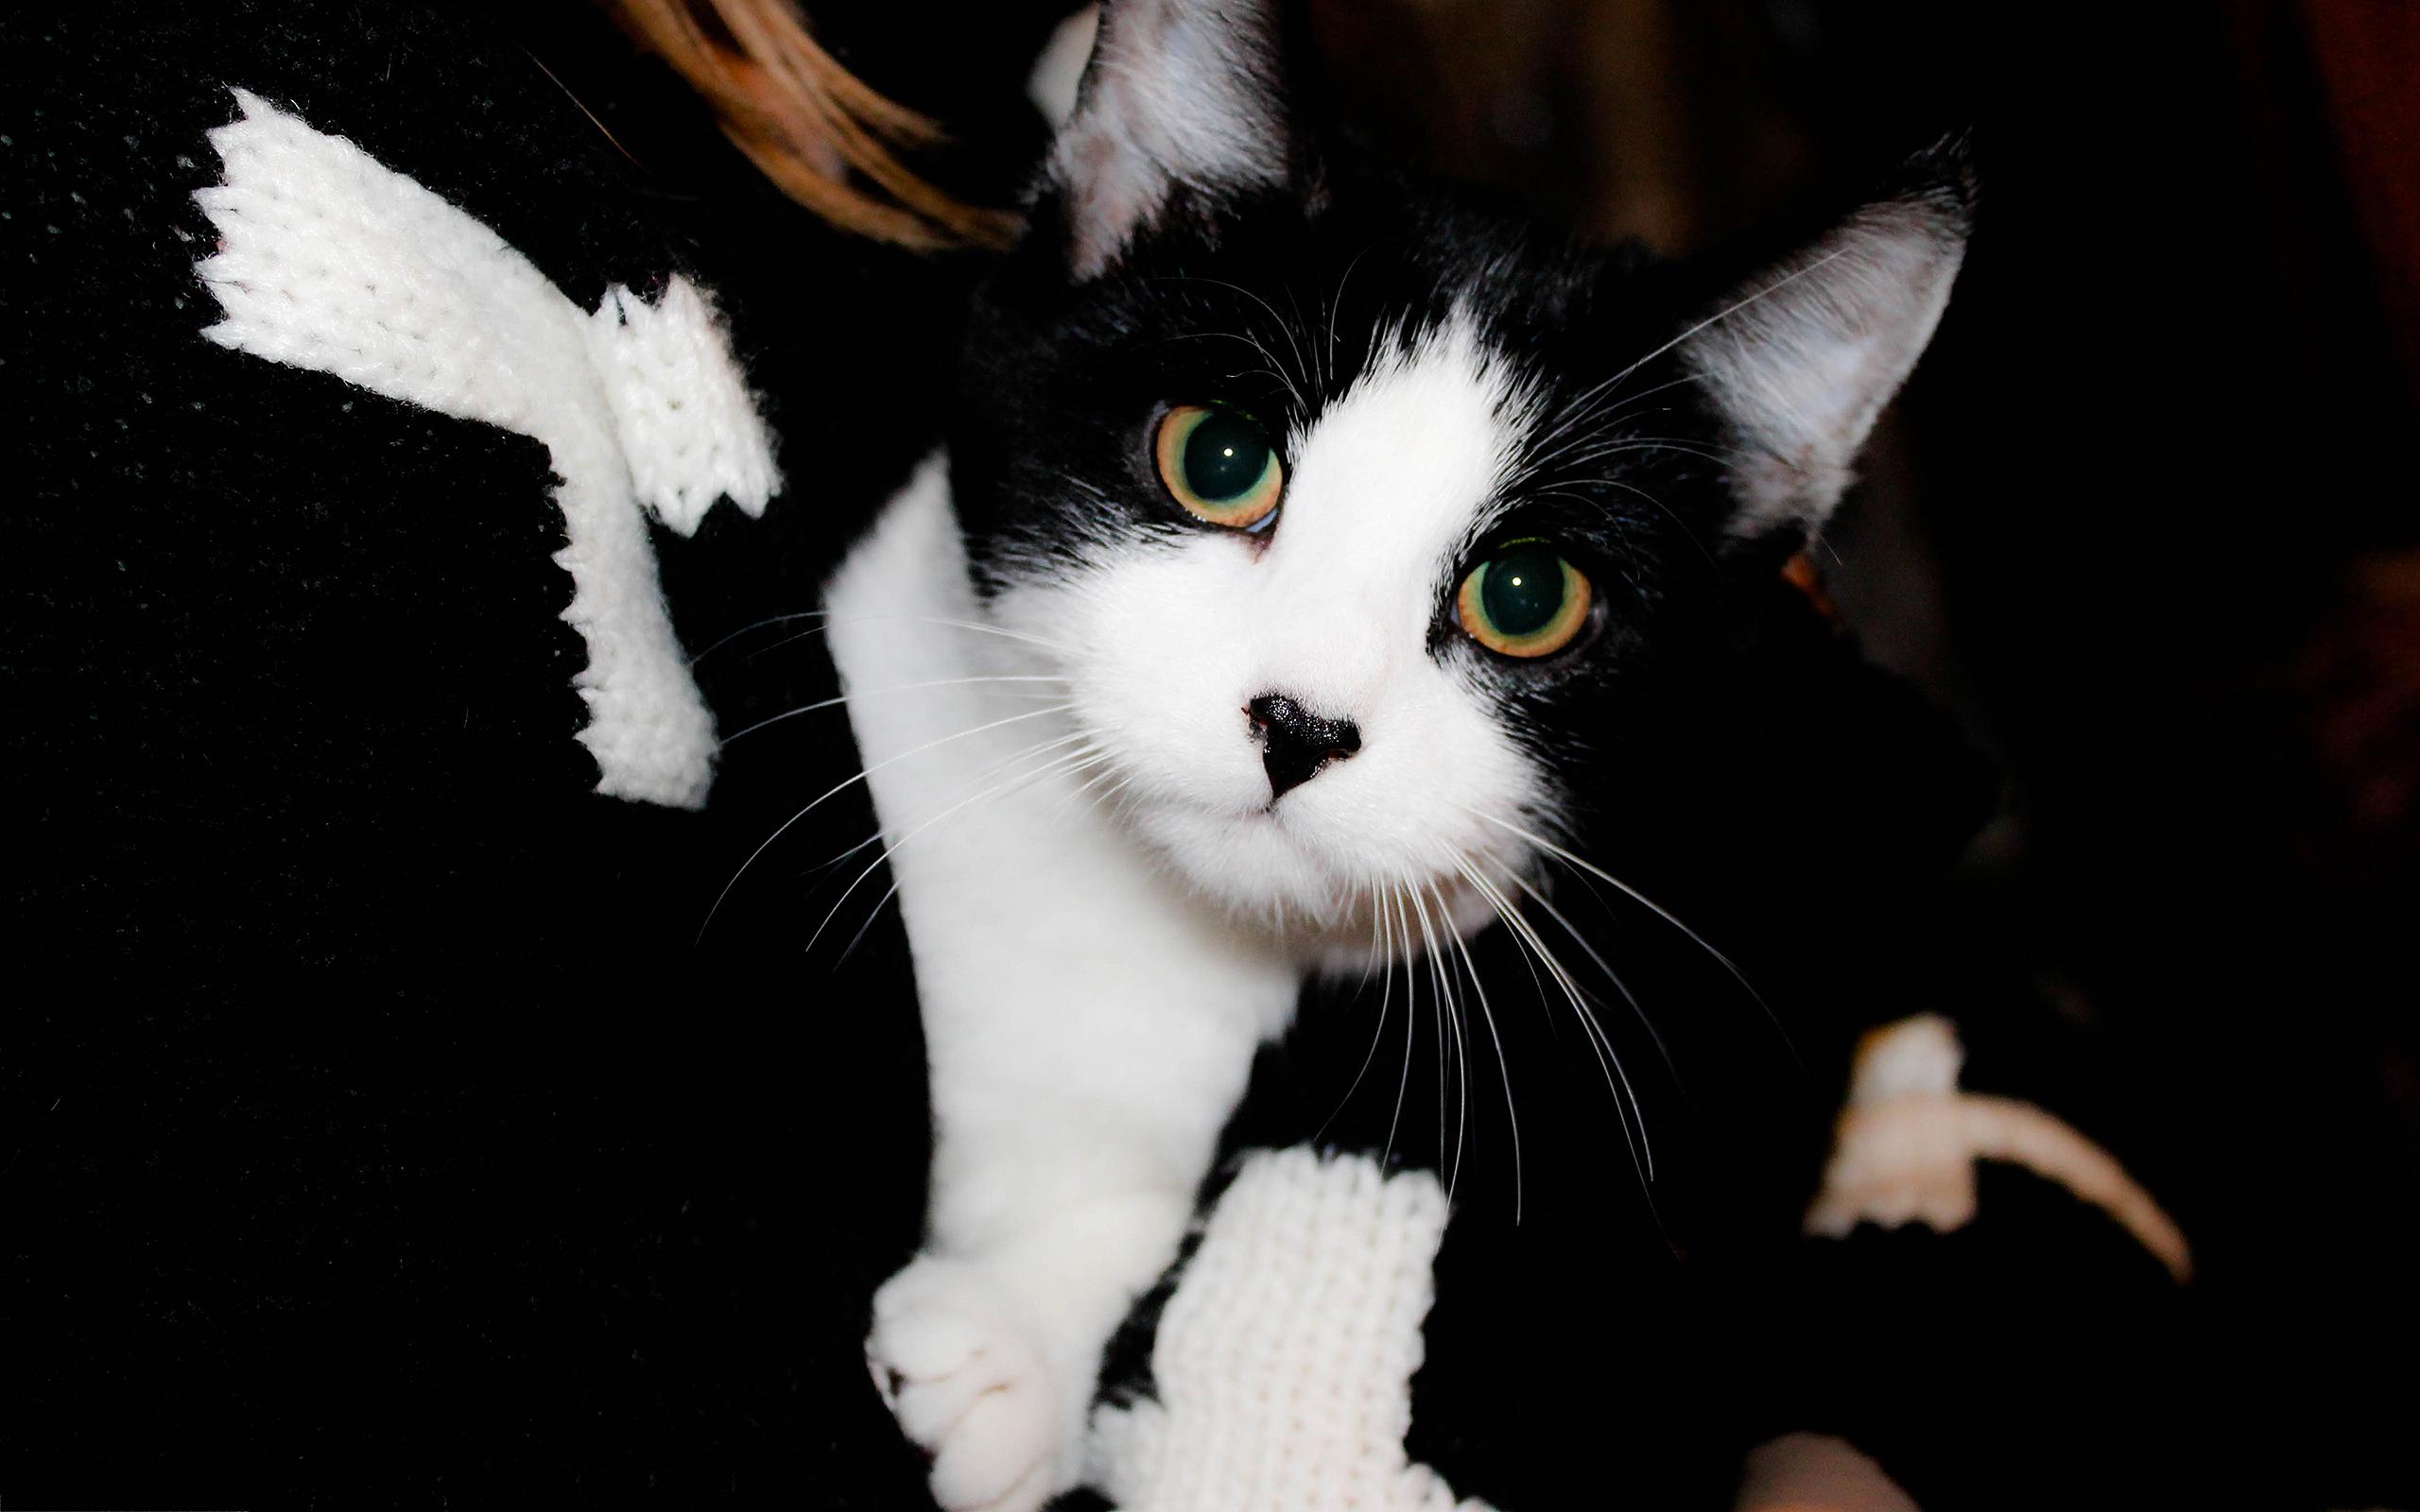 Cute black white cat